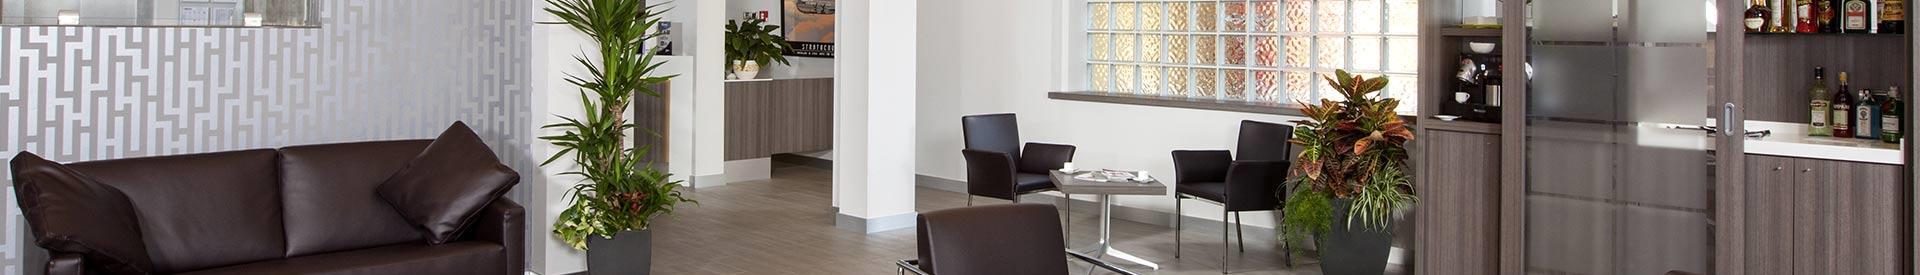 Inclusive Hotel - Best Western Plus Borgolecco Arcore